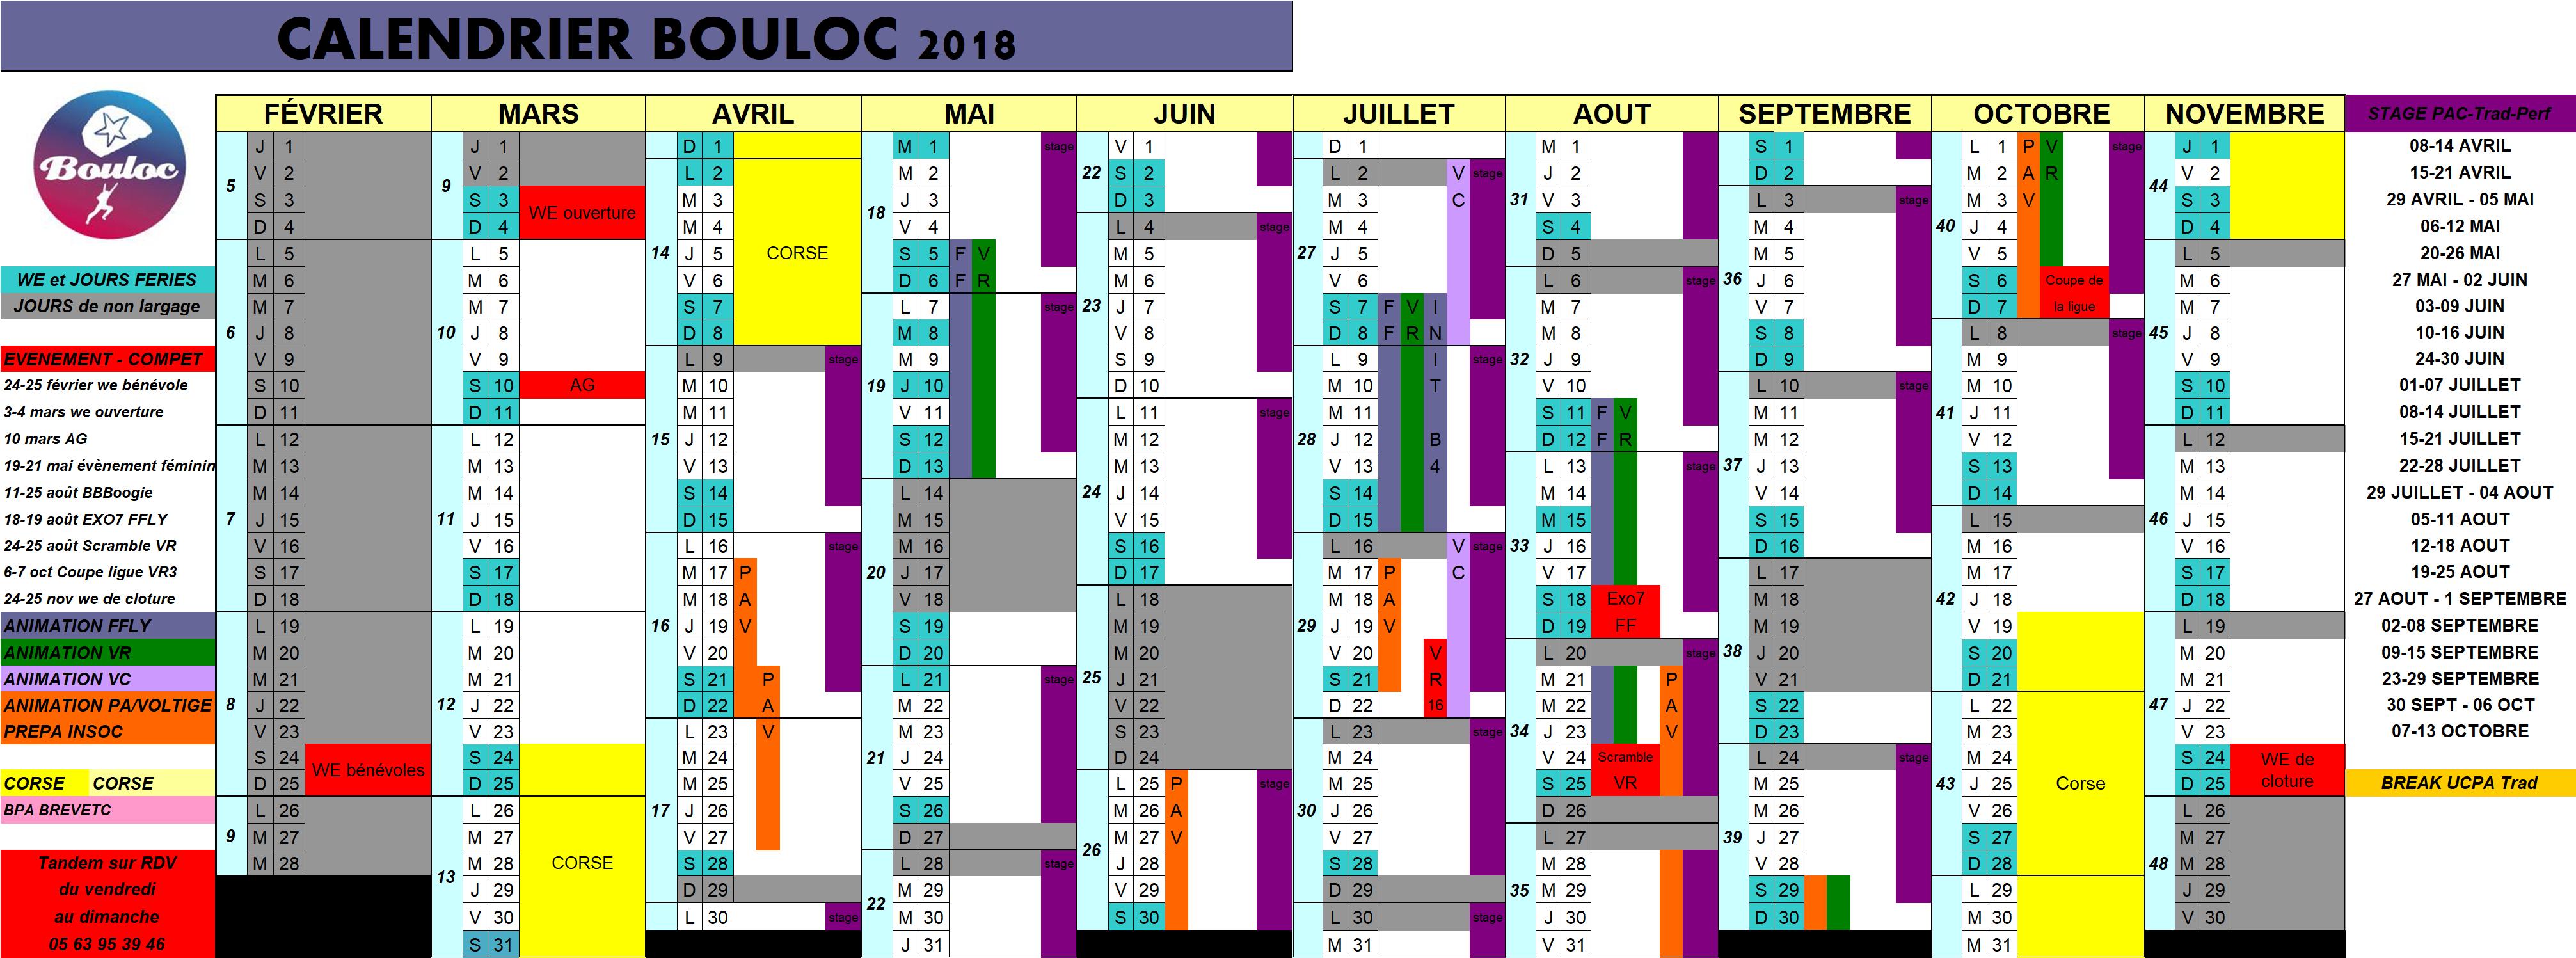 Calendrier 2018 des activités à Bouloc Skydive